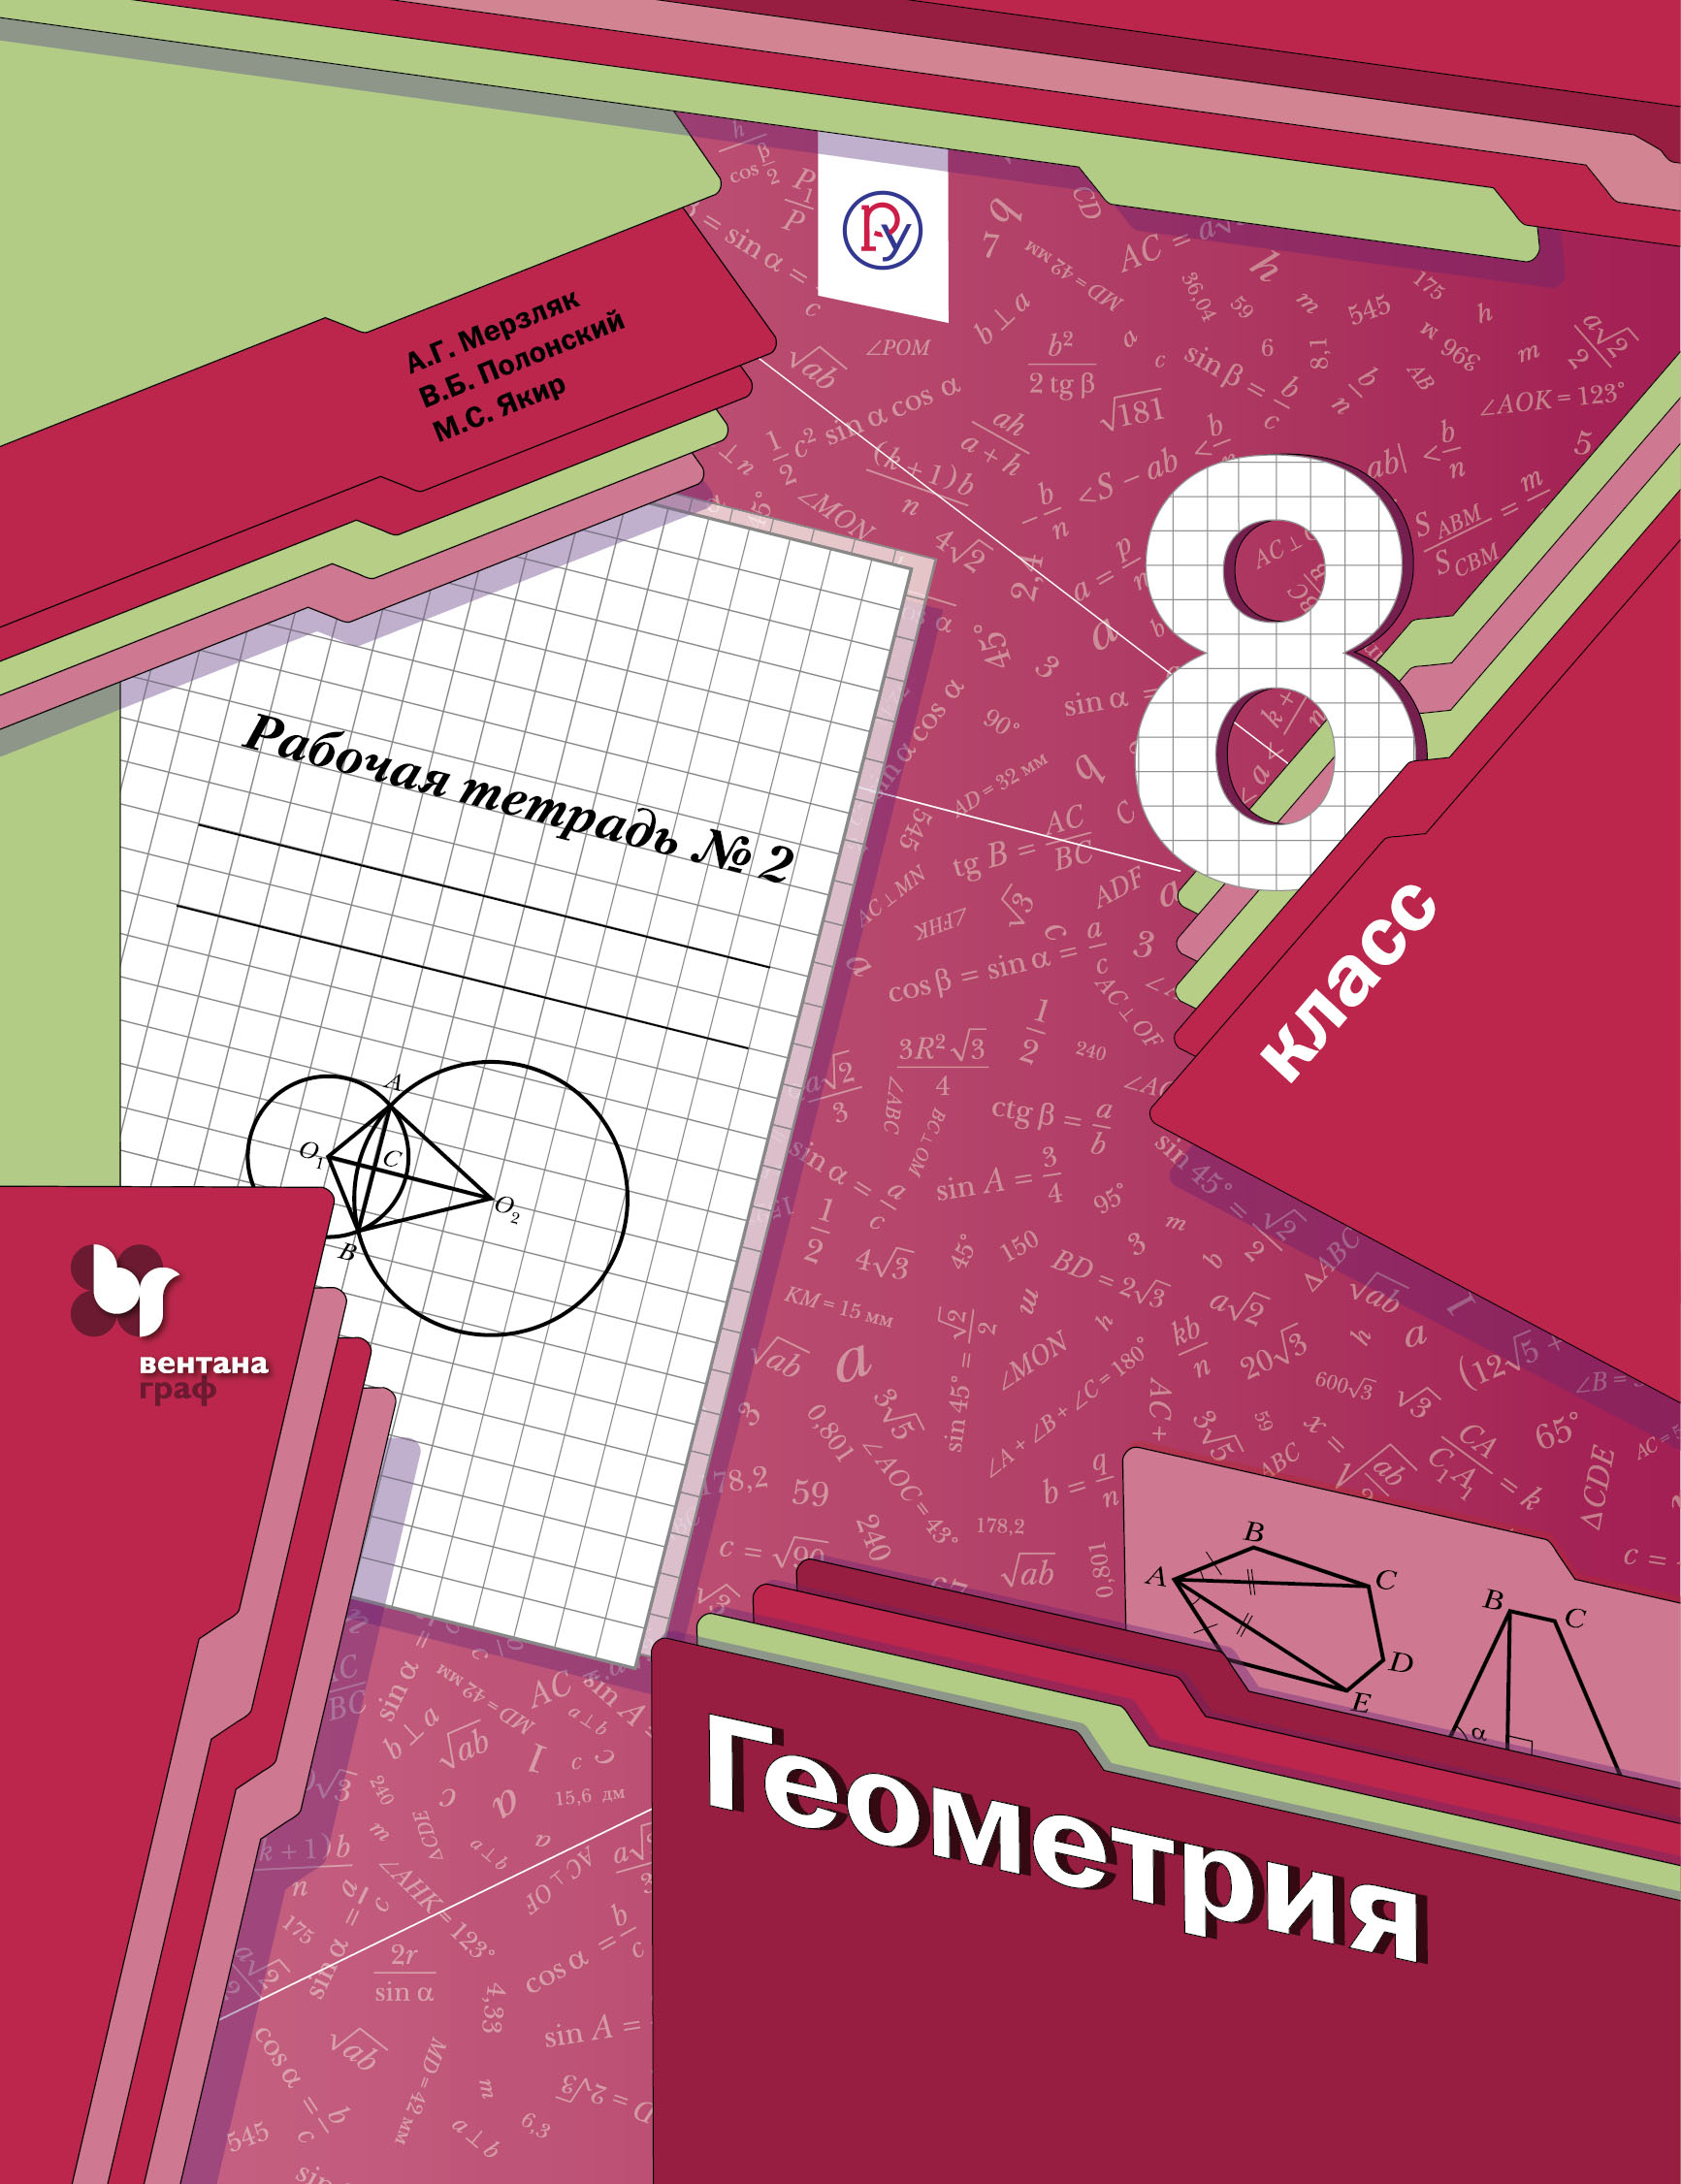 Геометрия. 8класс. Рабочая тетрадь №2